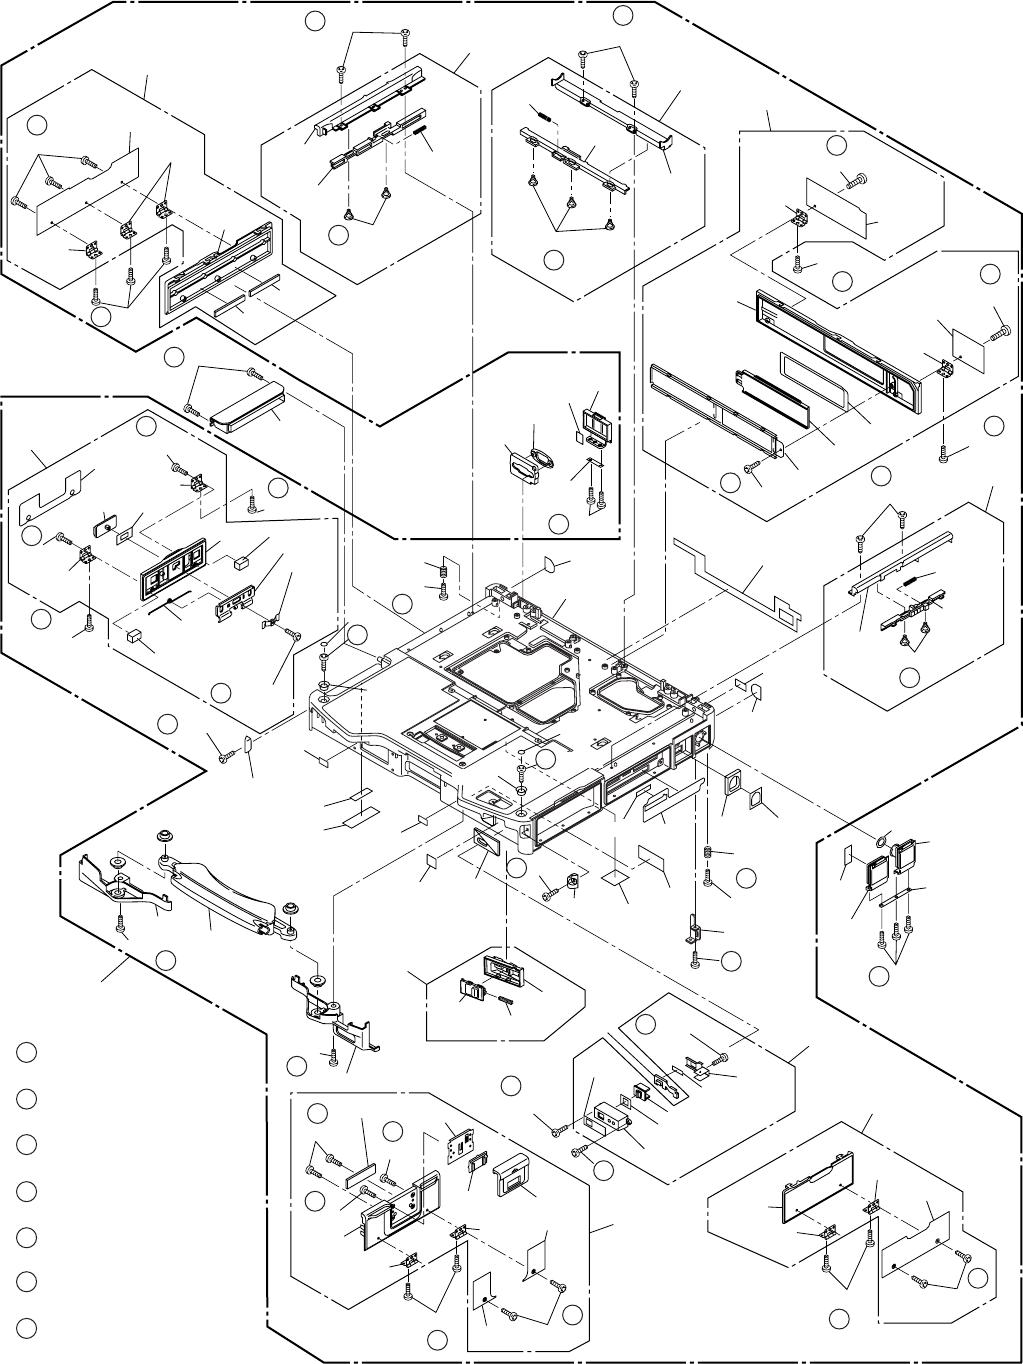 monitor panel k21 wiring diagram